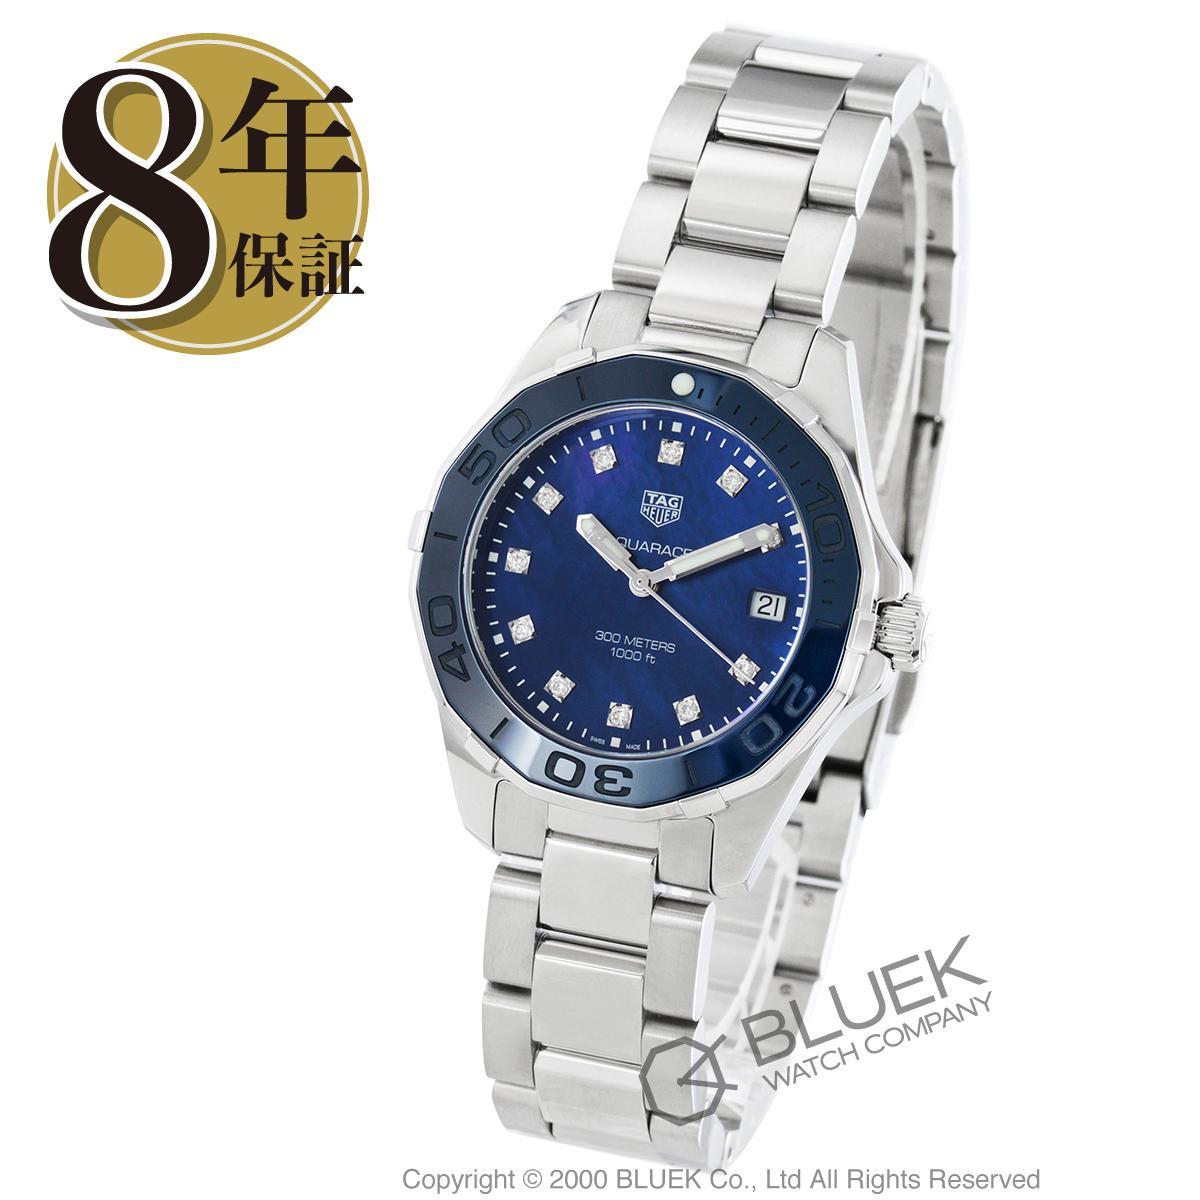 タグホイヤー アクアレーサー 300m防水 ダイヤ 腕時計 レディース TAG Heuer WAY131L.BA0748_8